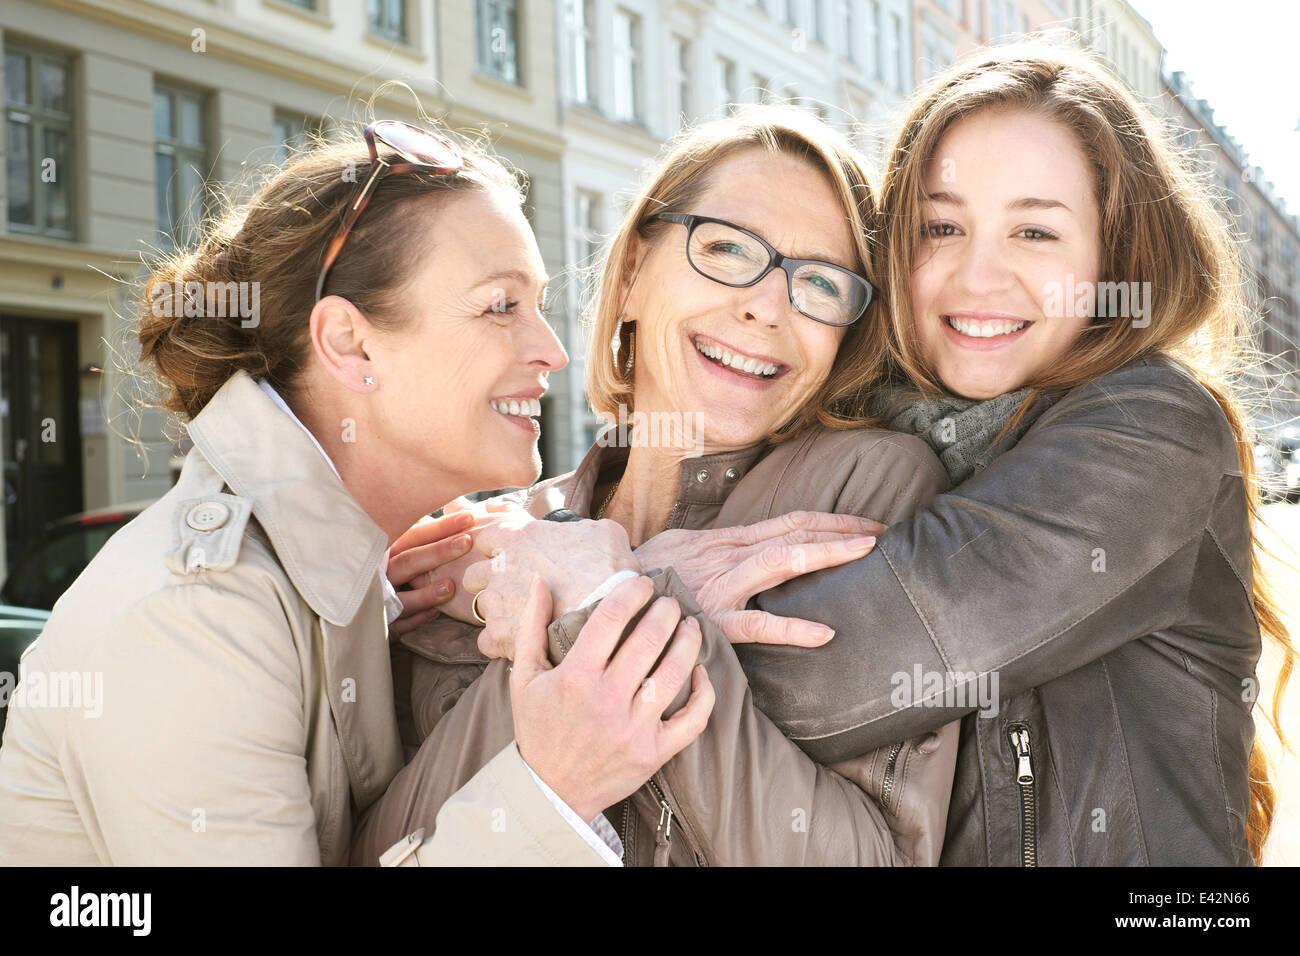 Retrato de tres generaciones de mujeres en la ciudad Imagen De Stock